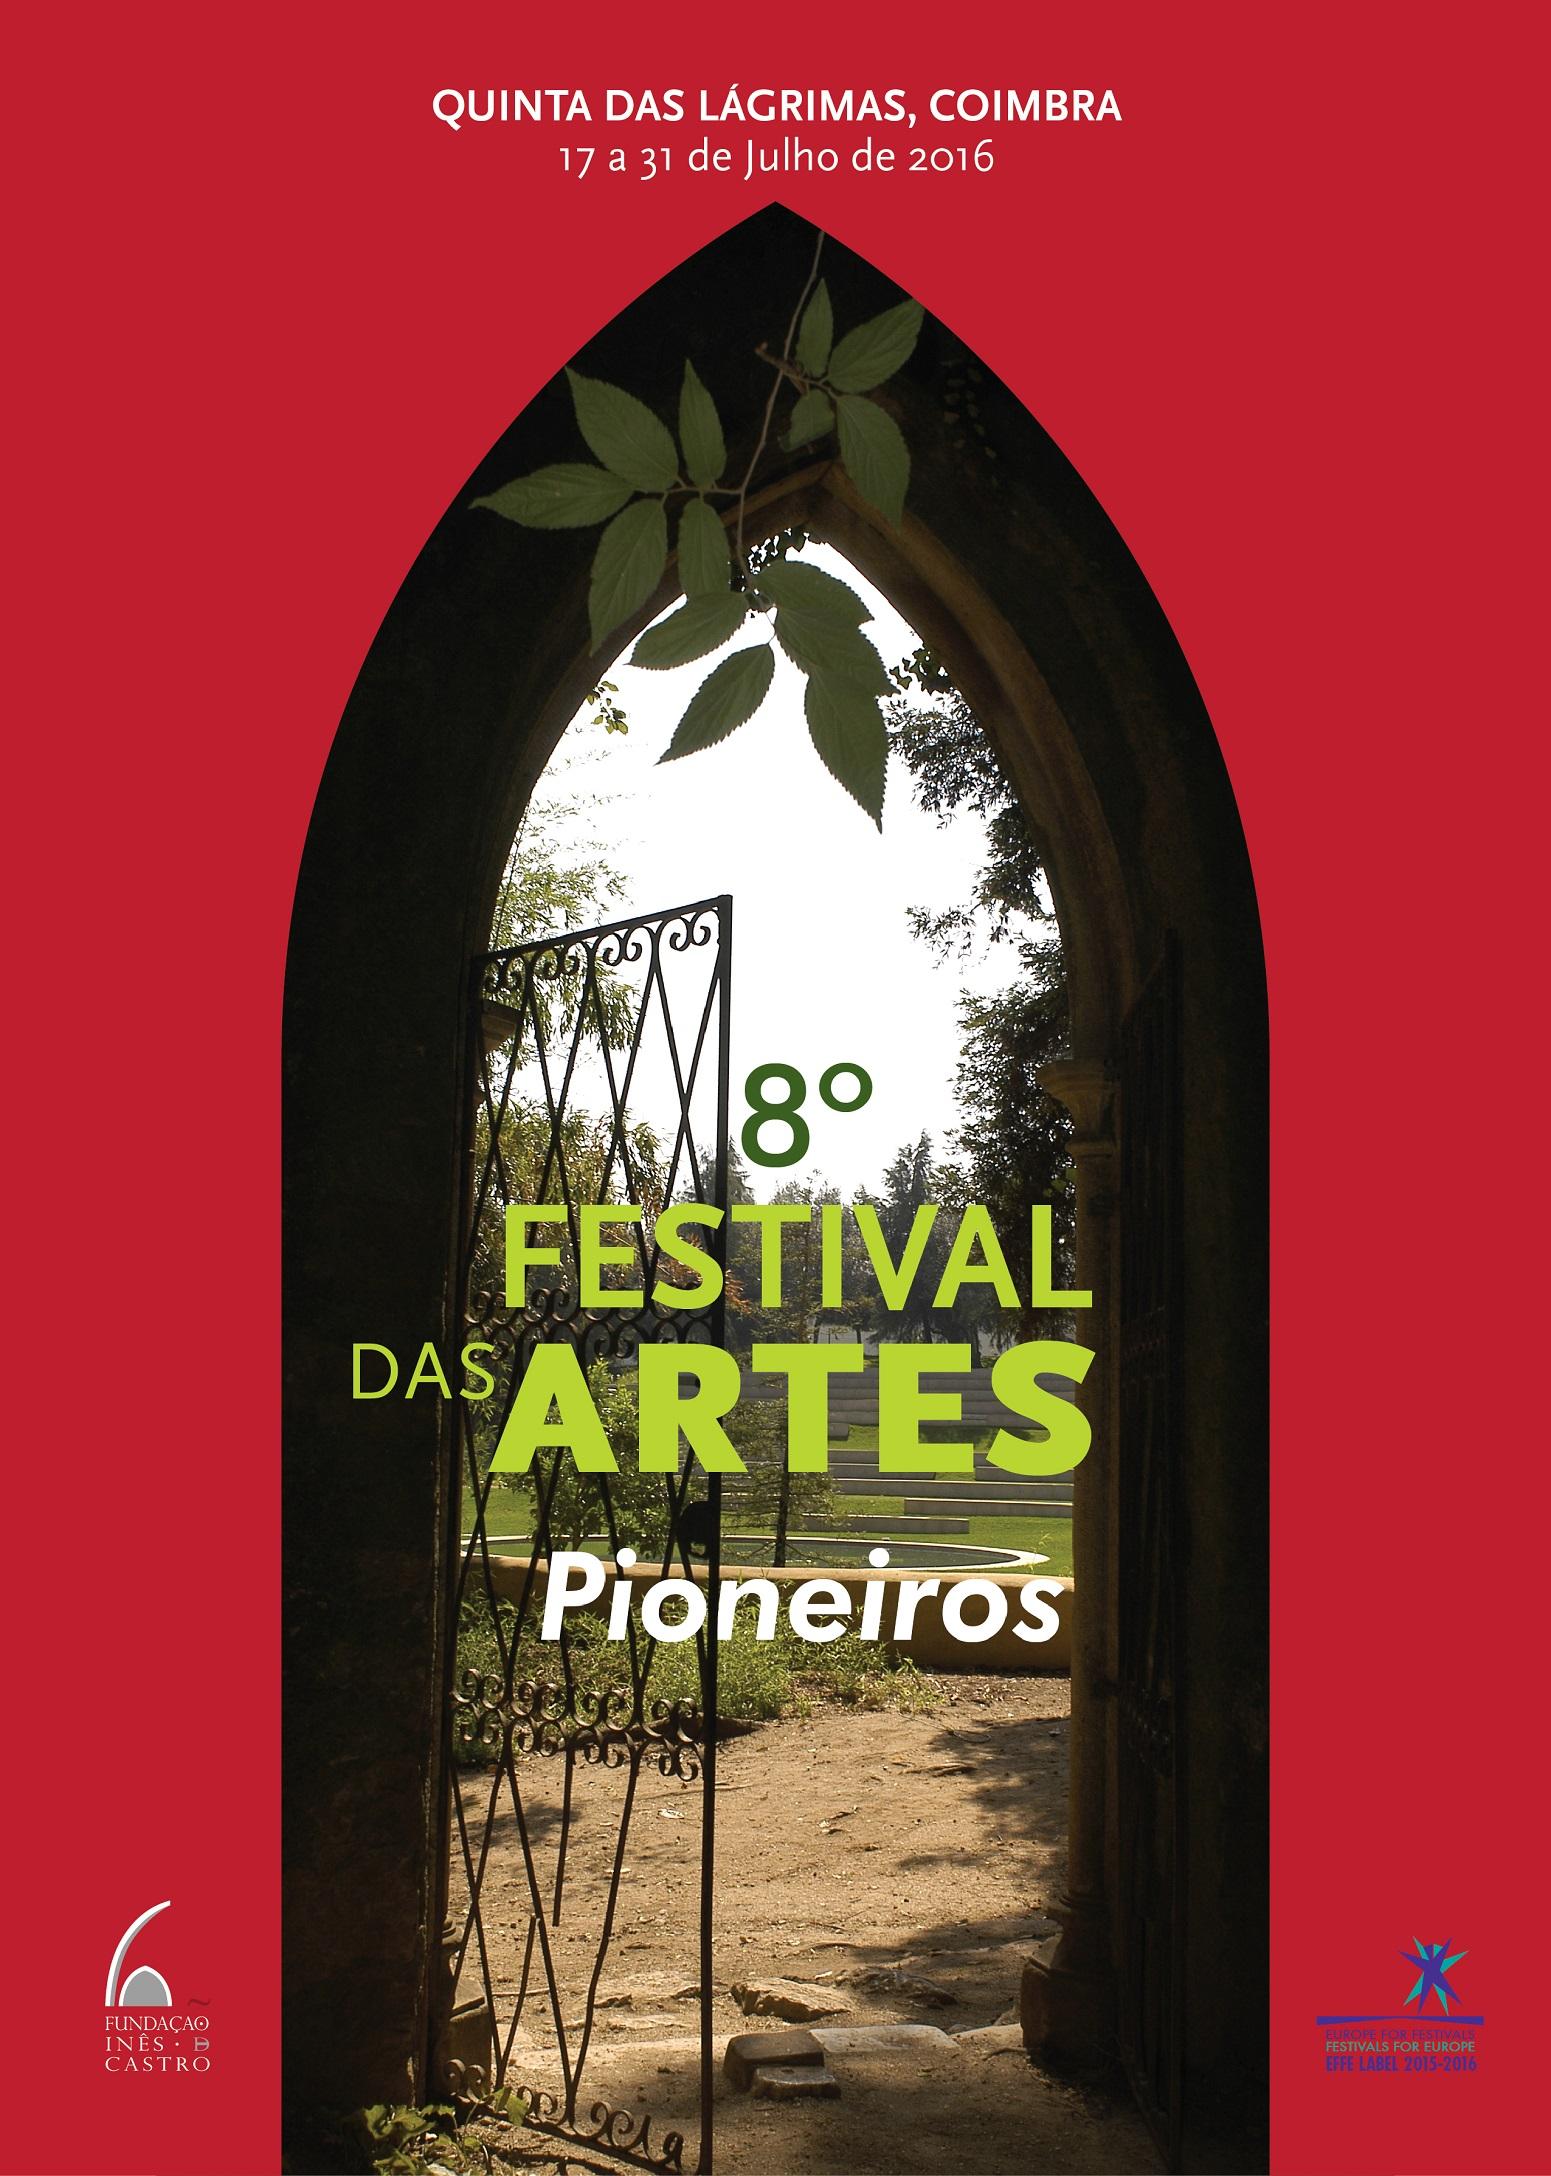 Festival das Artes 2016 Pioneiros